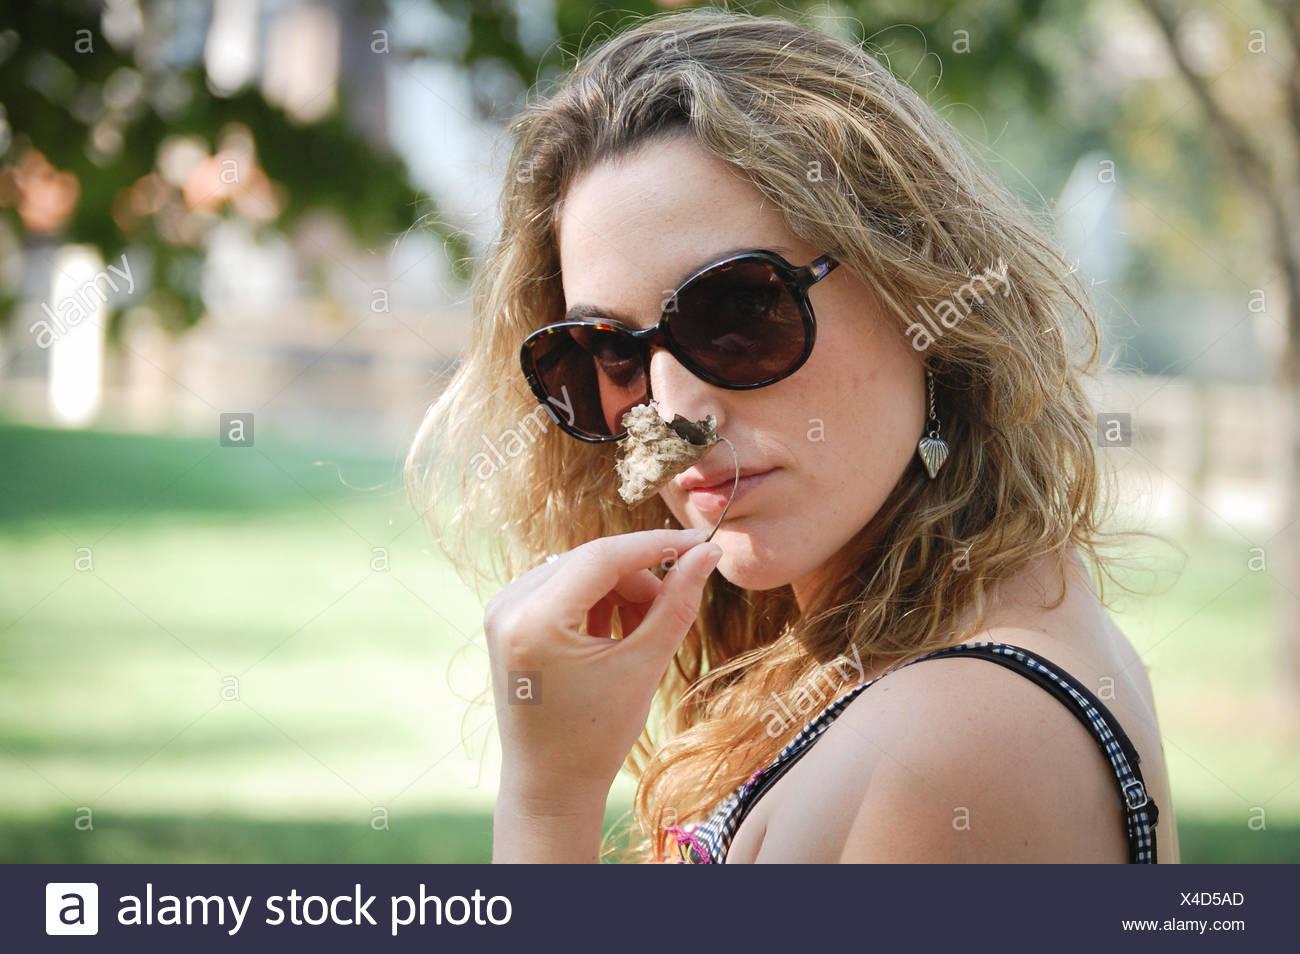 Porträt der jungen Frau riechende Blume Stockbild